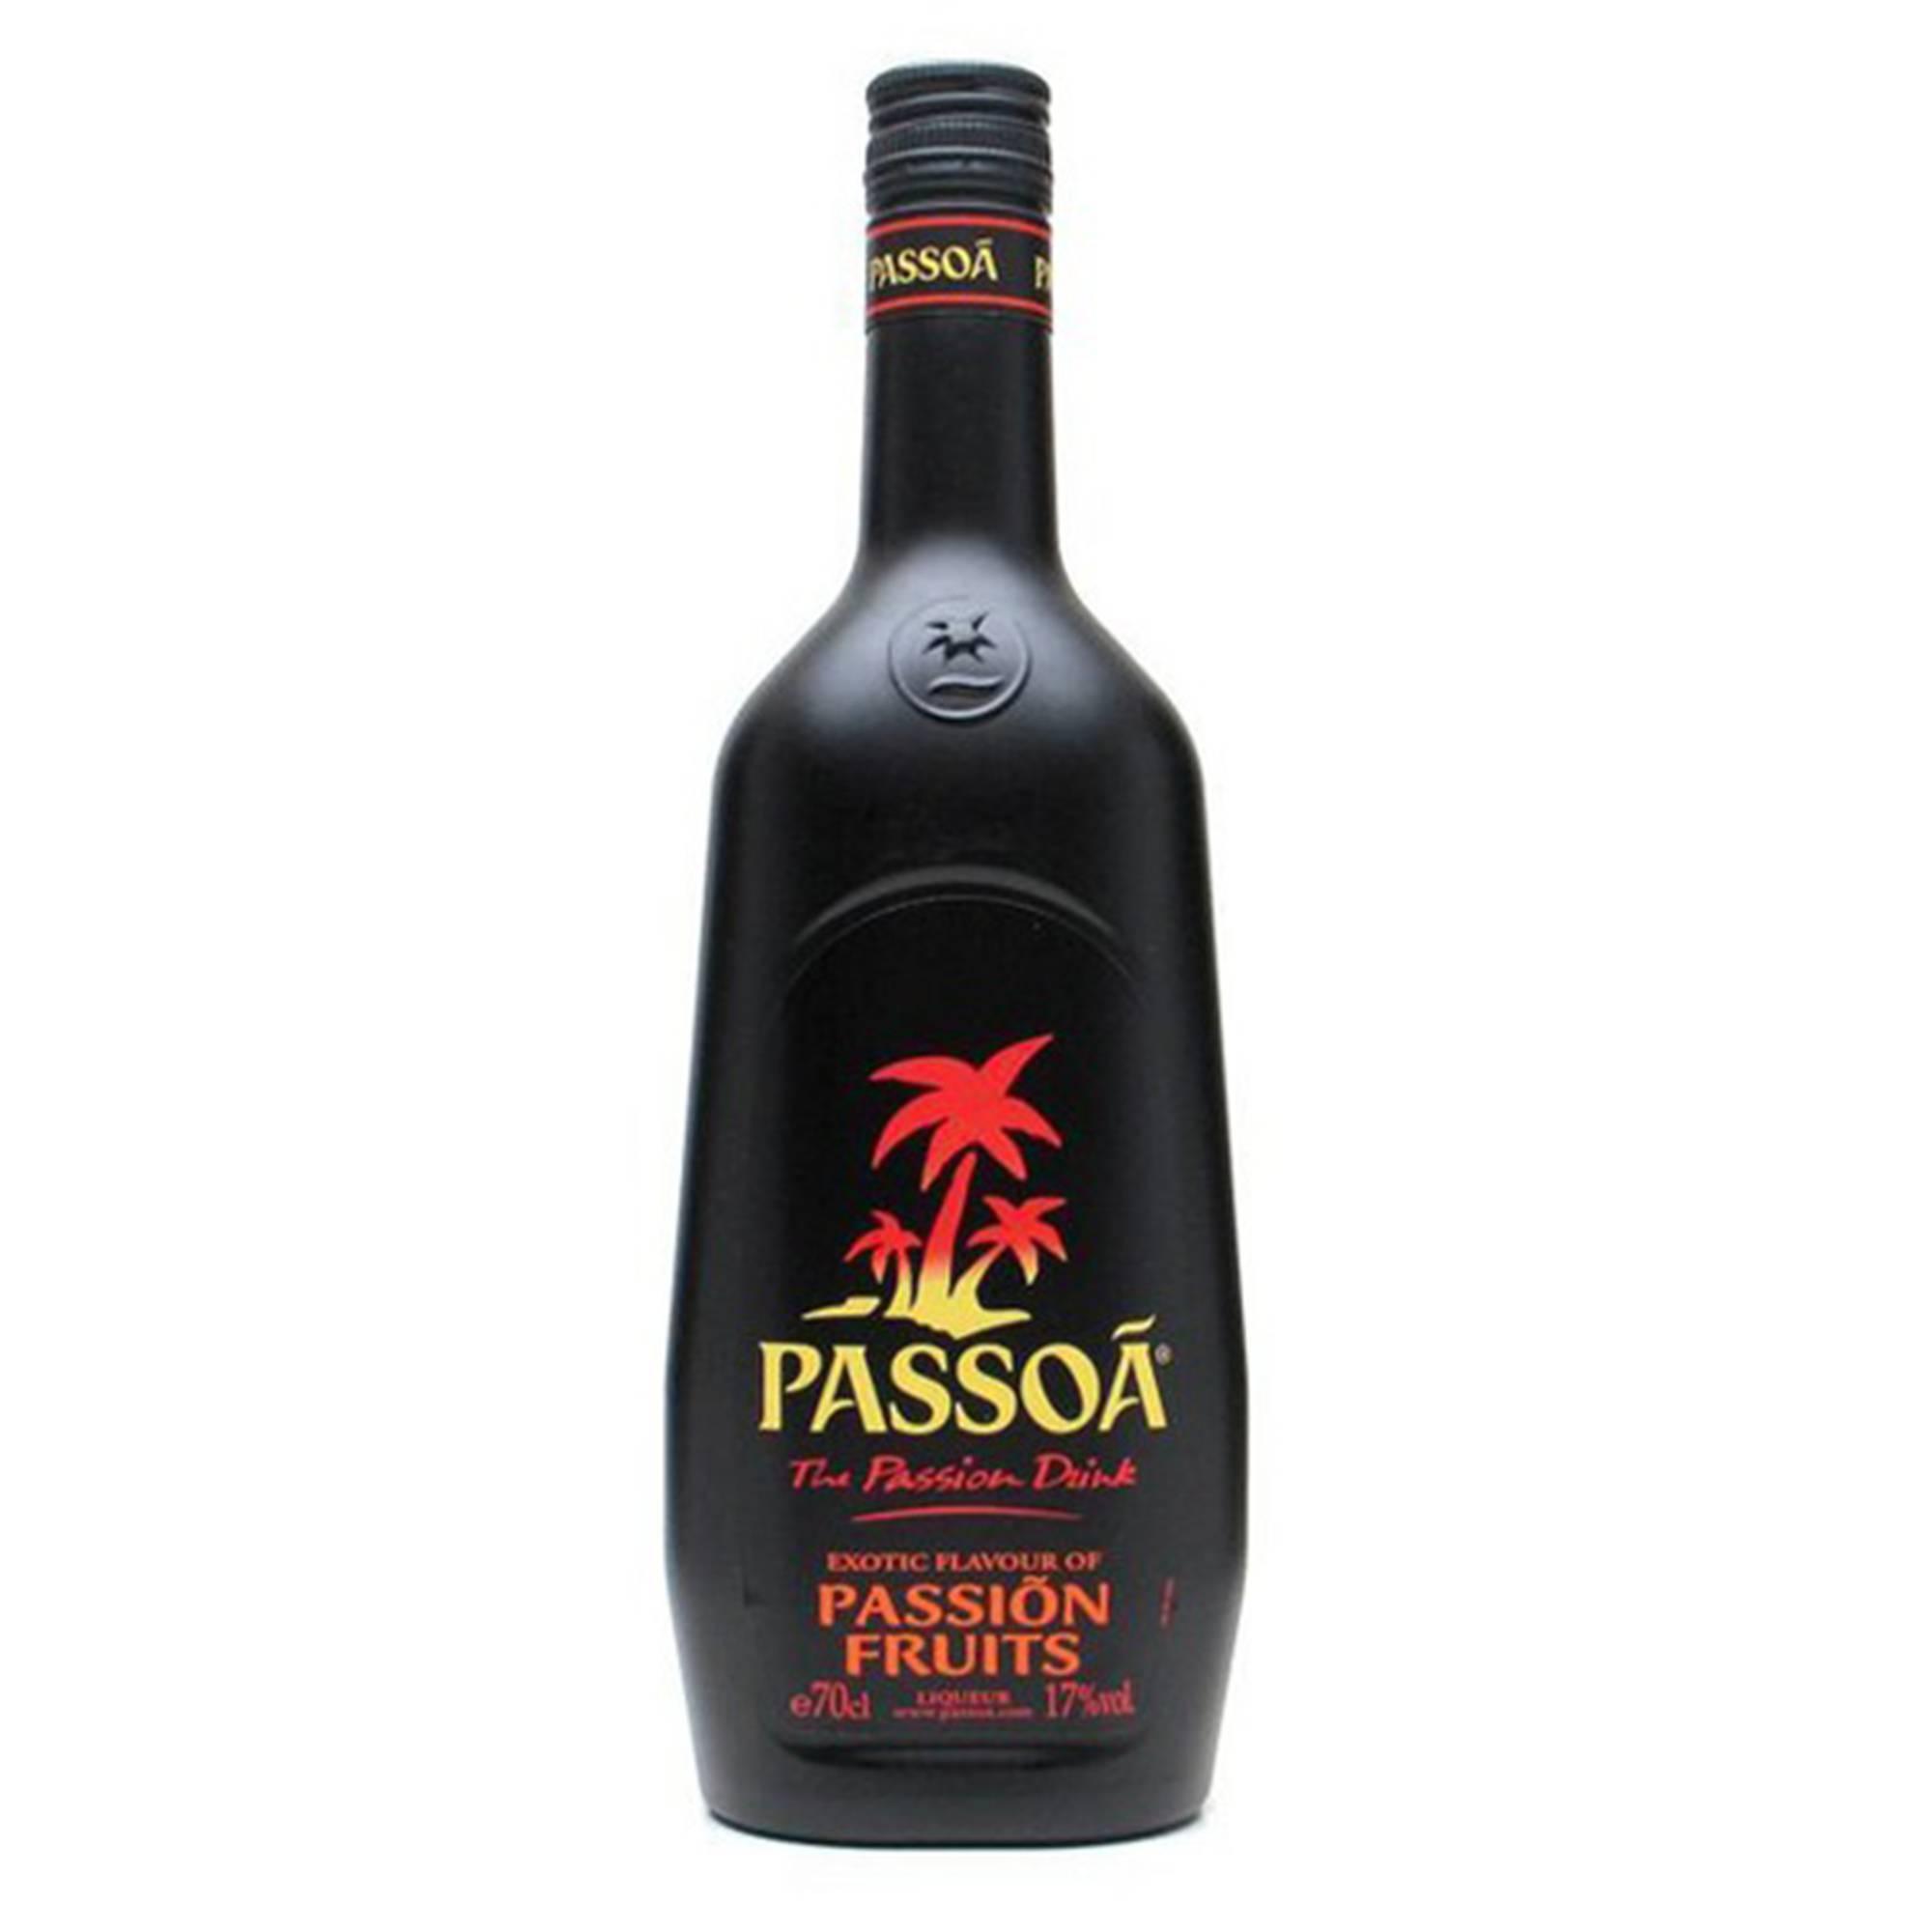 Ликер пассоа: описание, история 8 рецептов коктейлей